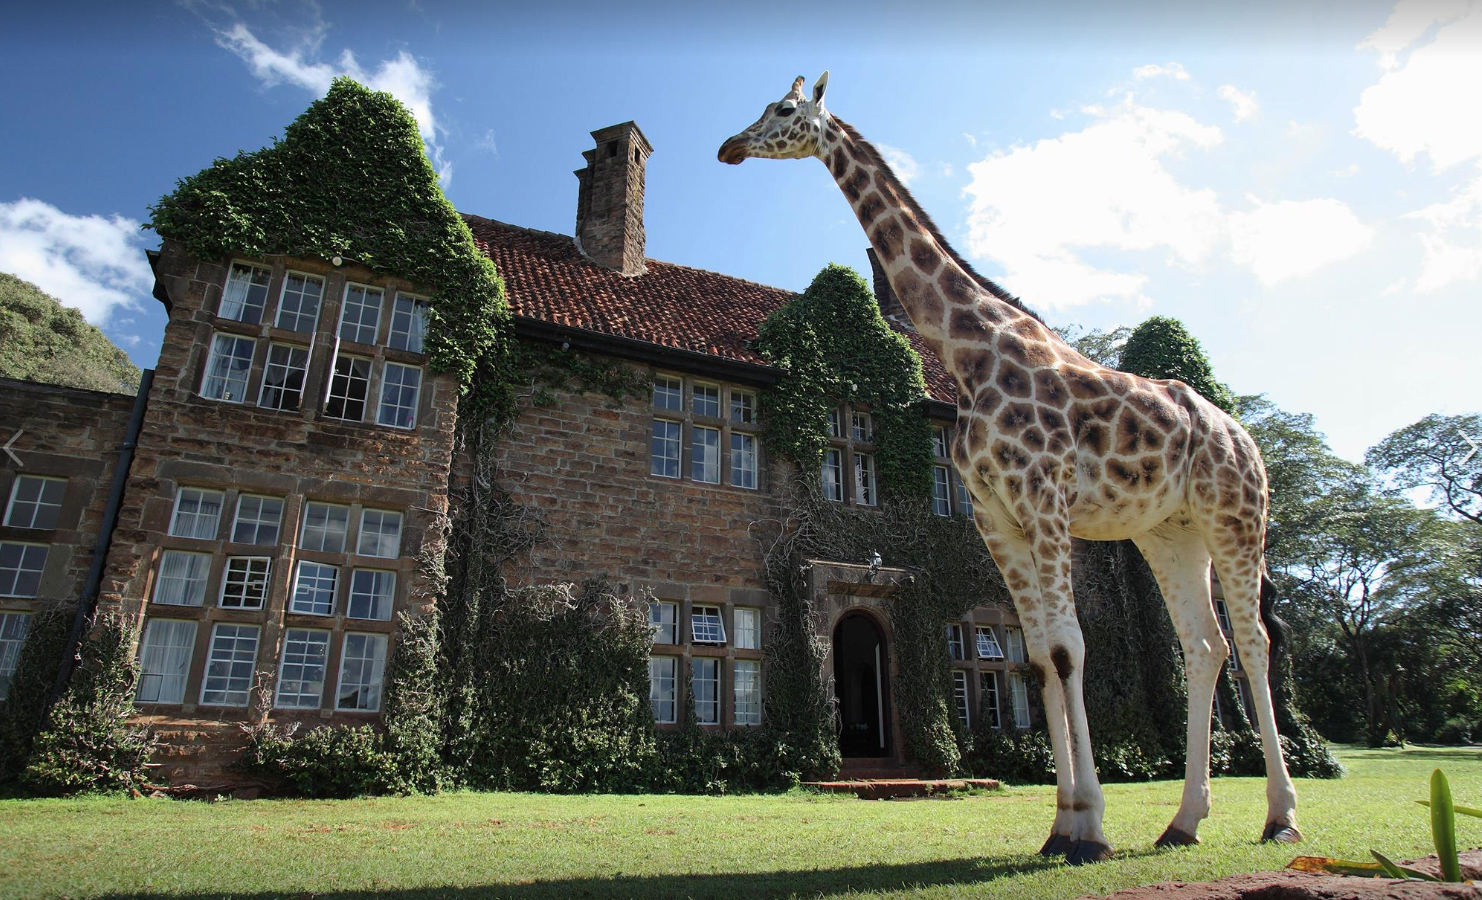 Giraffe Manor Hotel Kenya Outrageous Hotels